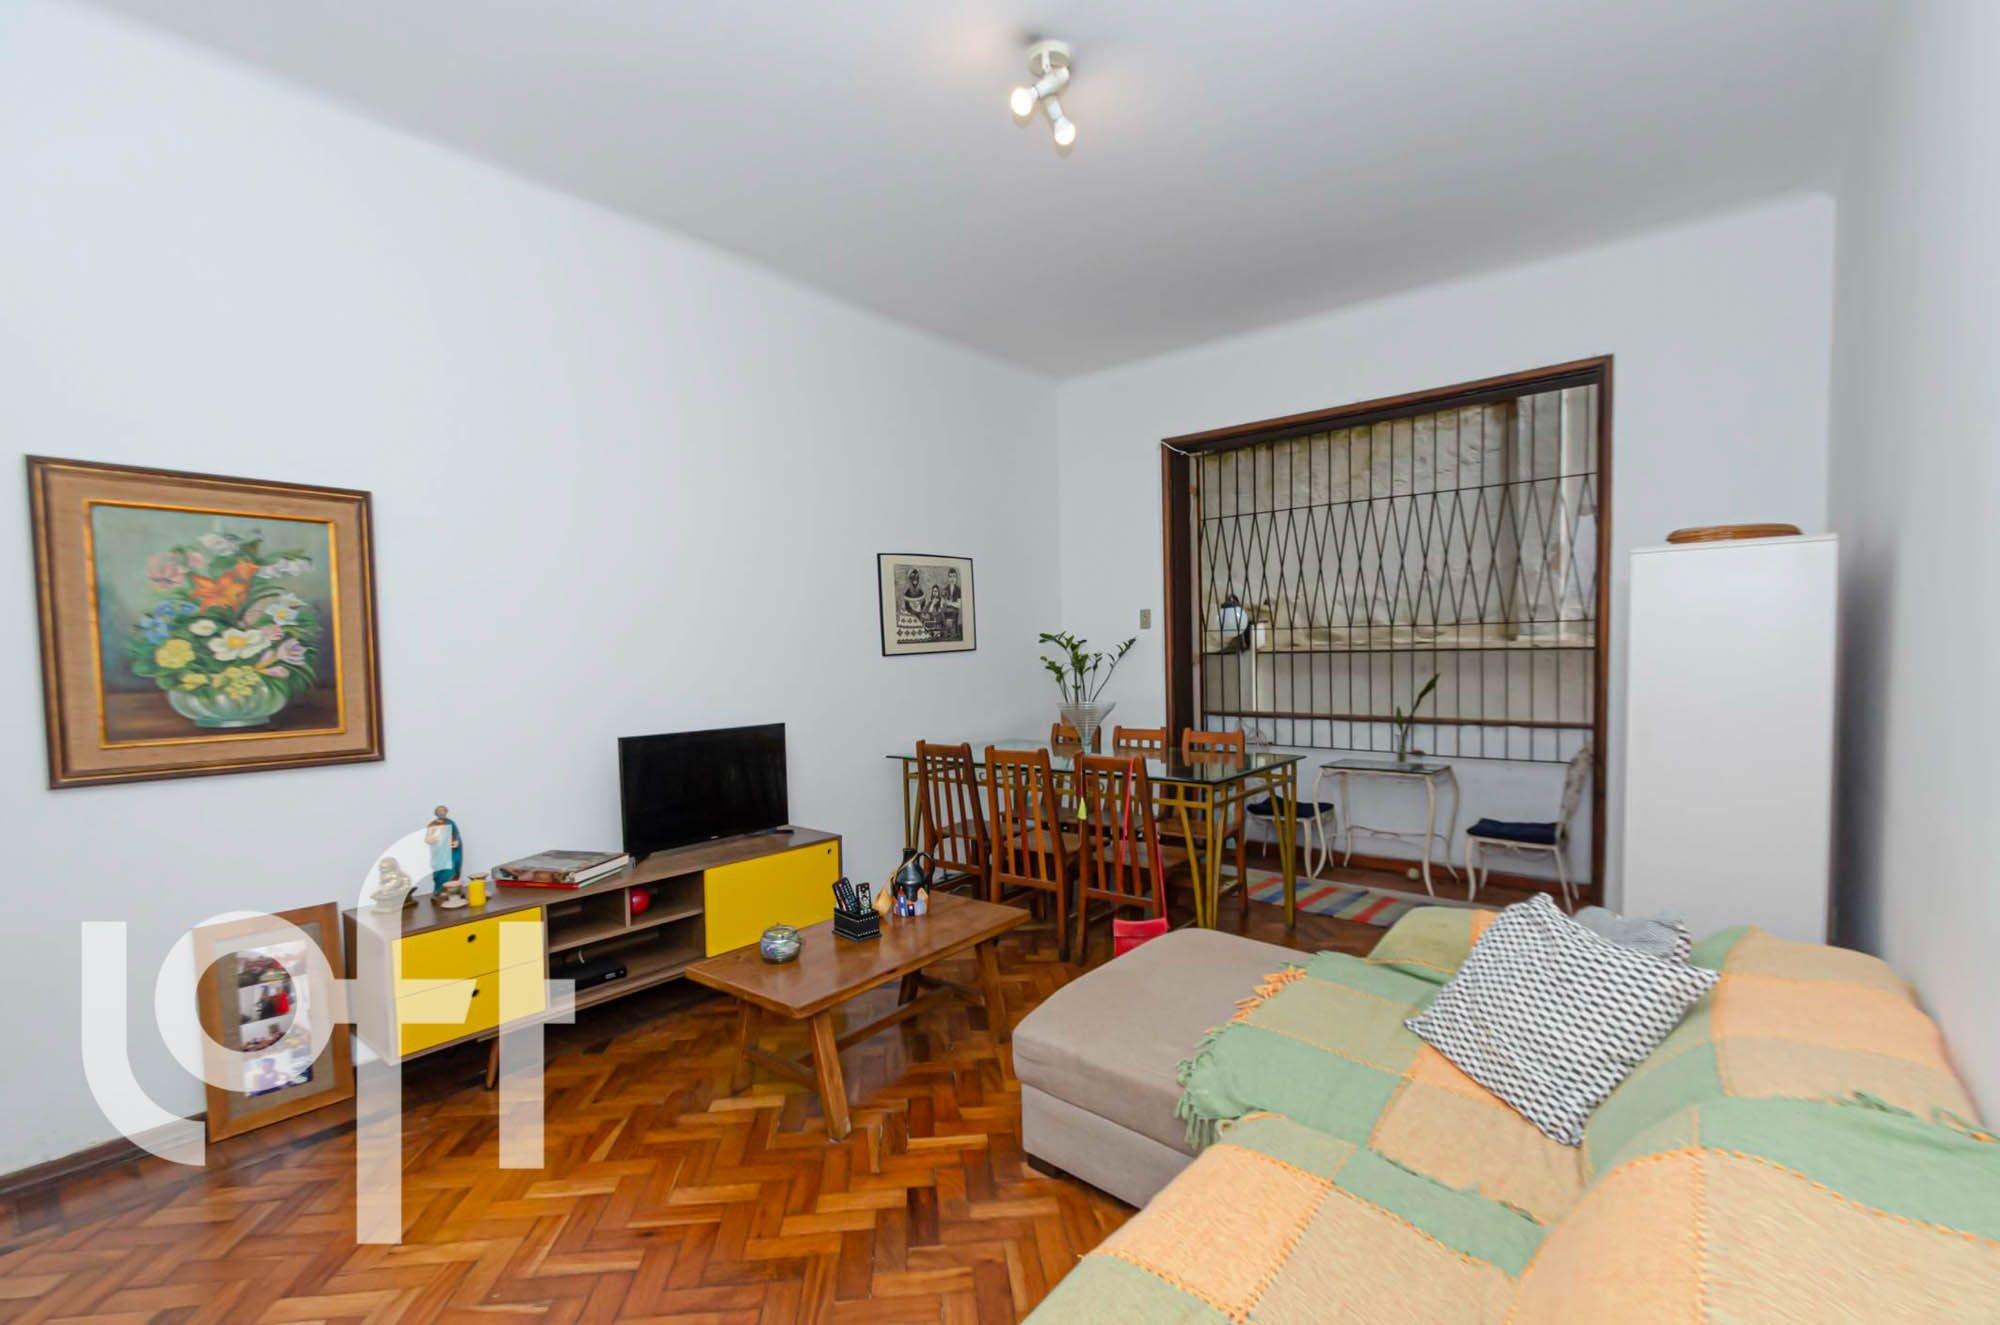 Foto de Sala com cama, televisão, vaso, cadeira